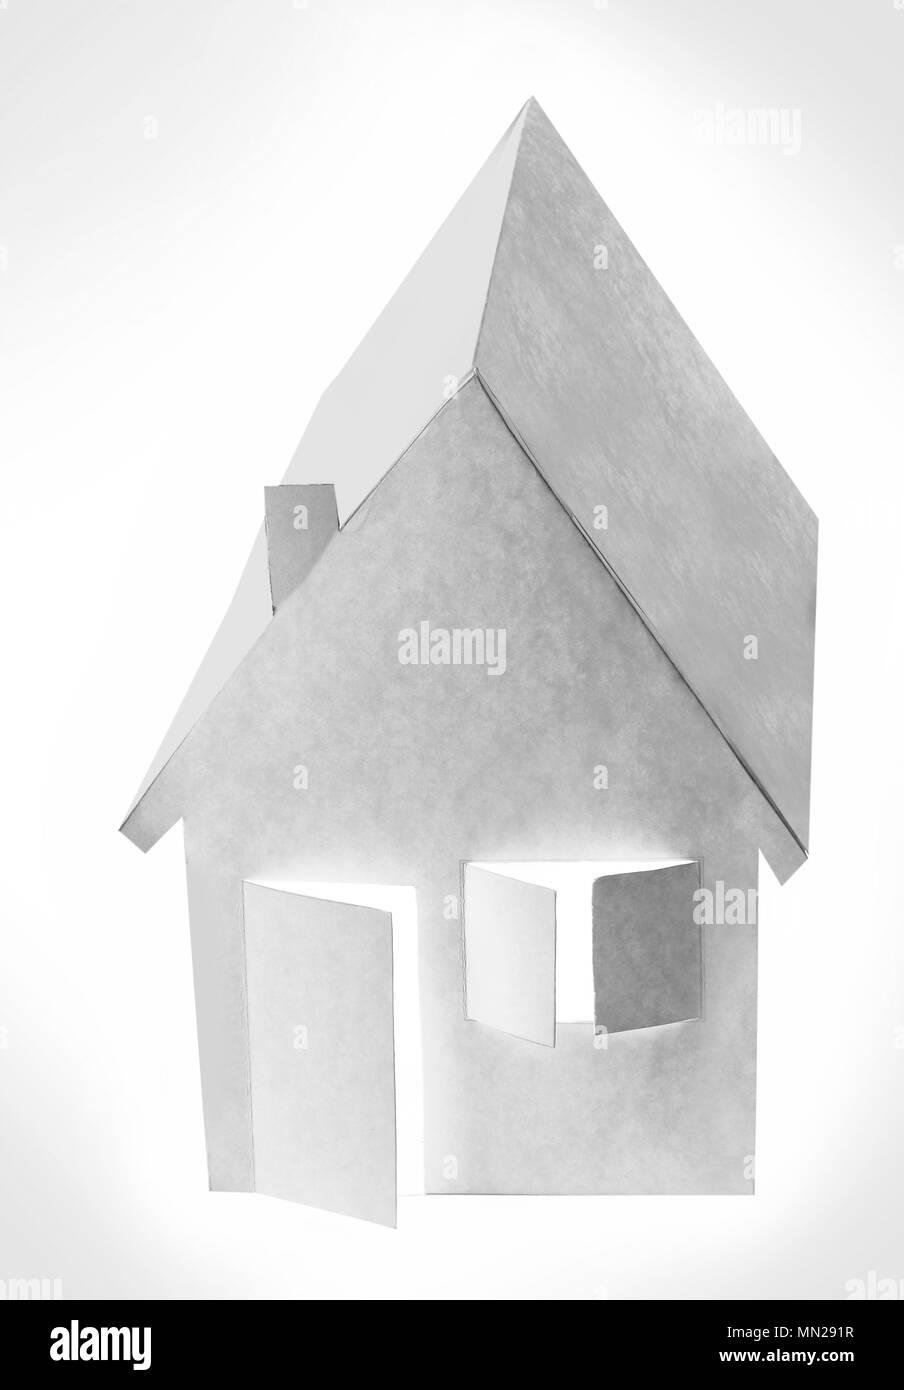 Casa di carta su uno sfondo bianco con retroilluminazione sulla finestra e porte Immagini Stock